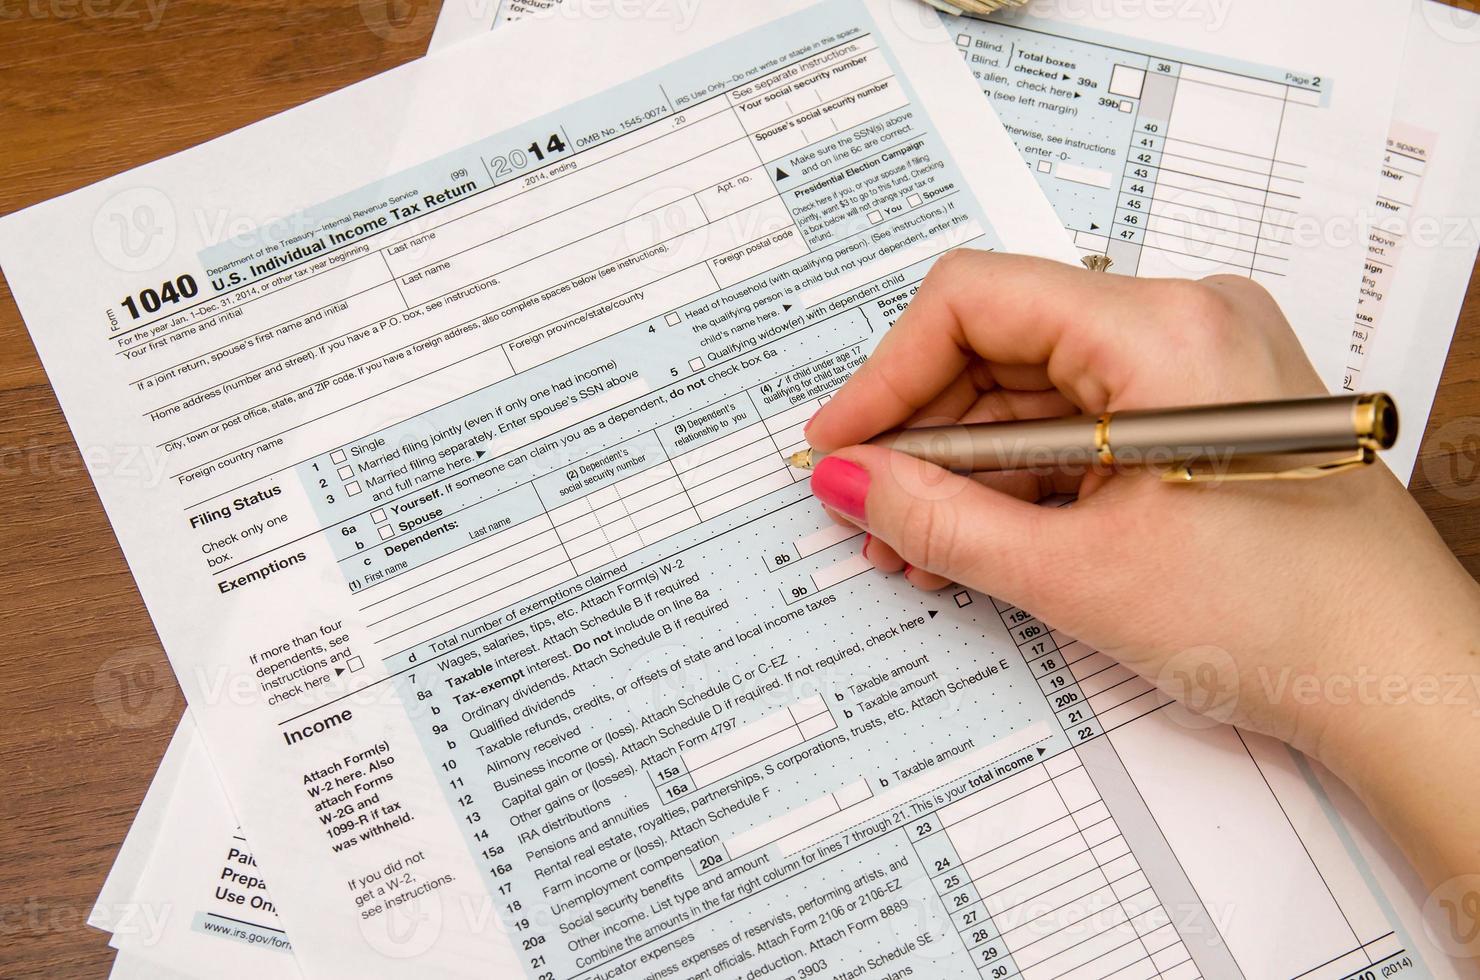 moduli di imposta sul reddito compilando a mano donna 1040 foto